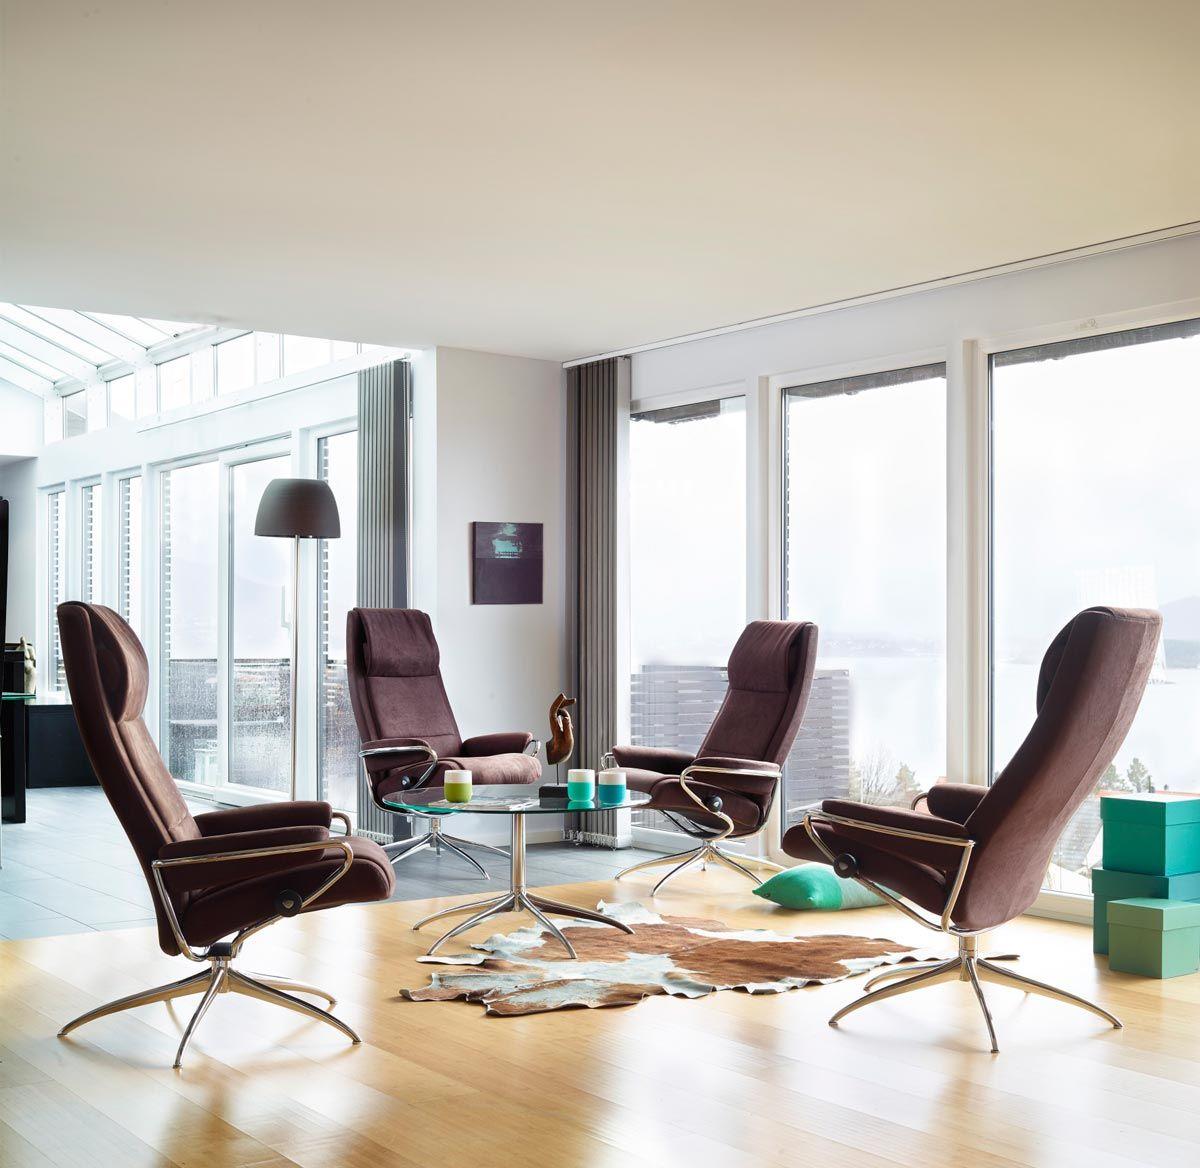 Relax Paris Meubles En Belgique Selection Meubles Amougies Mobilier Home Home Decor Room